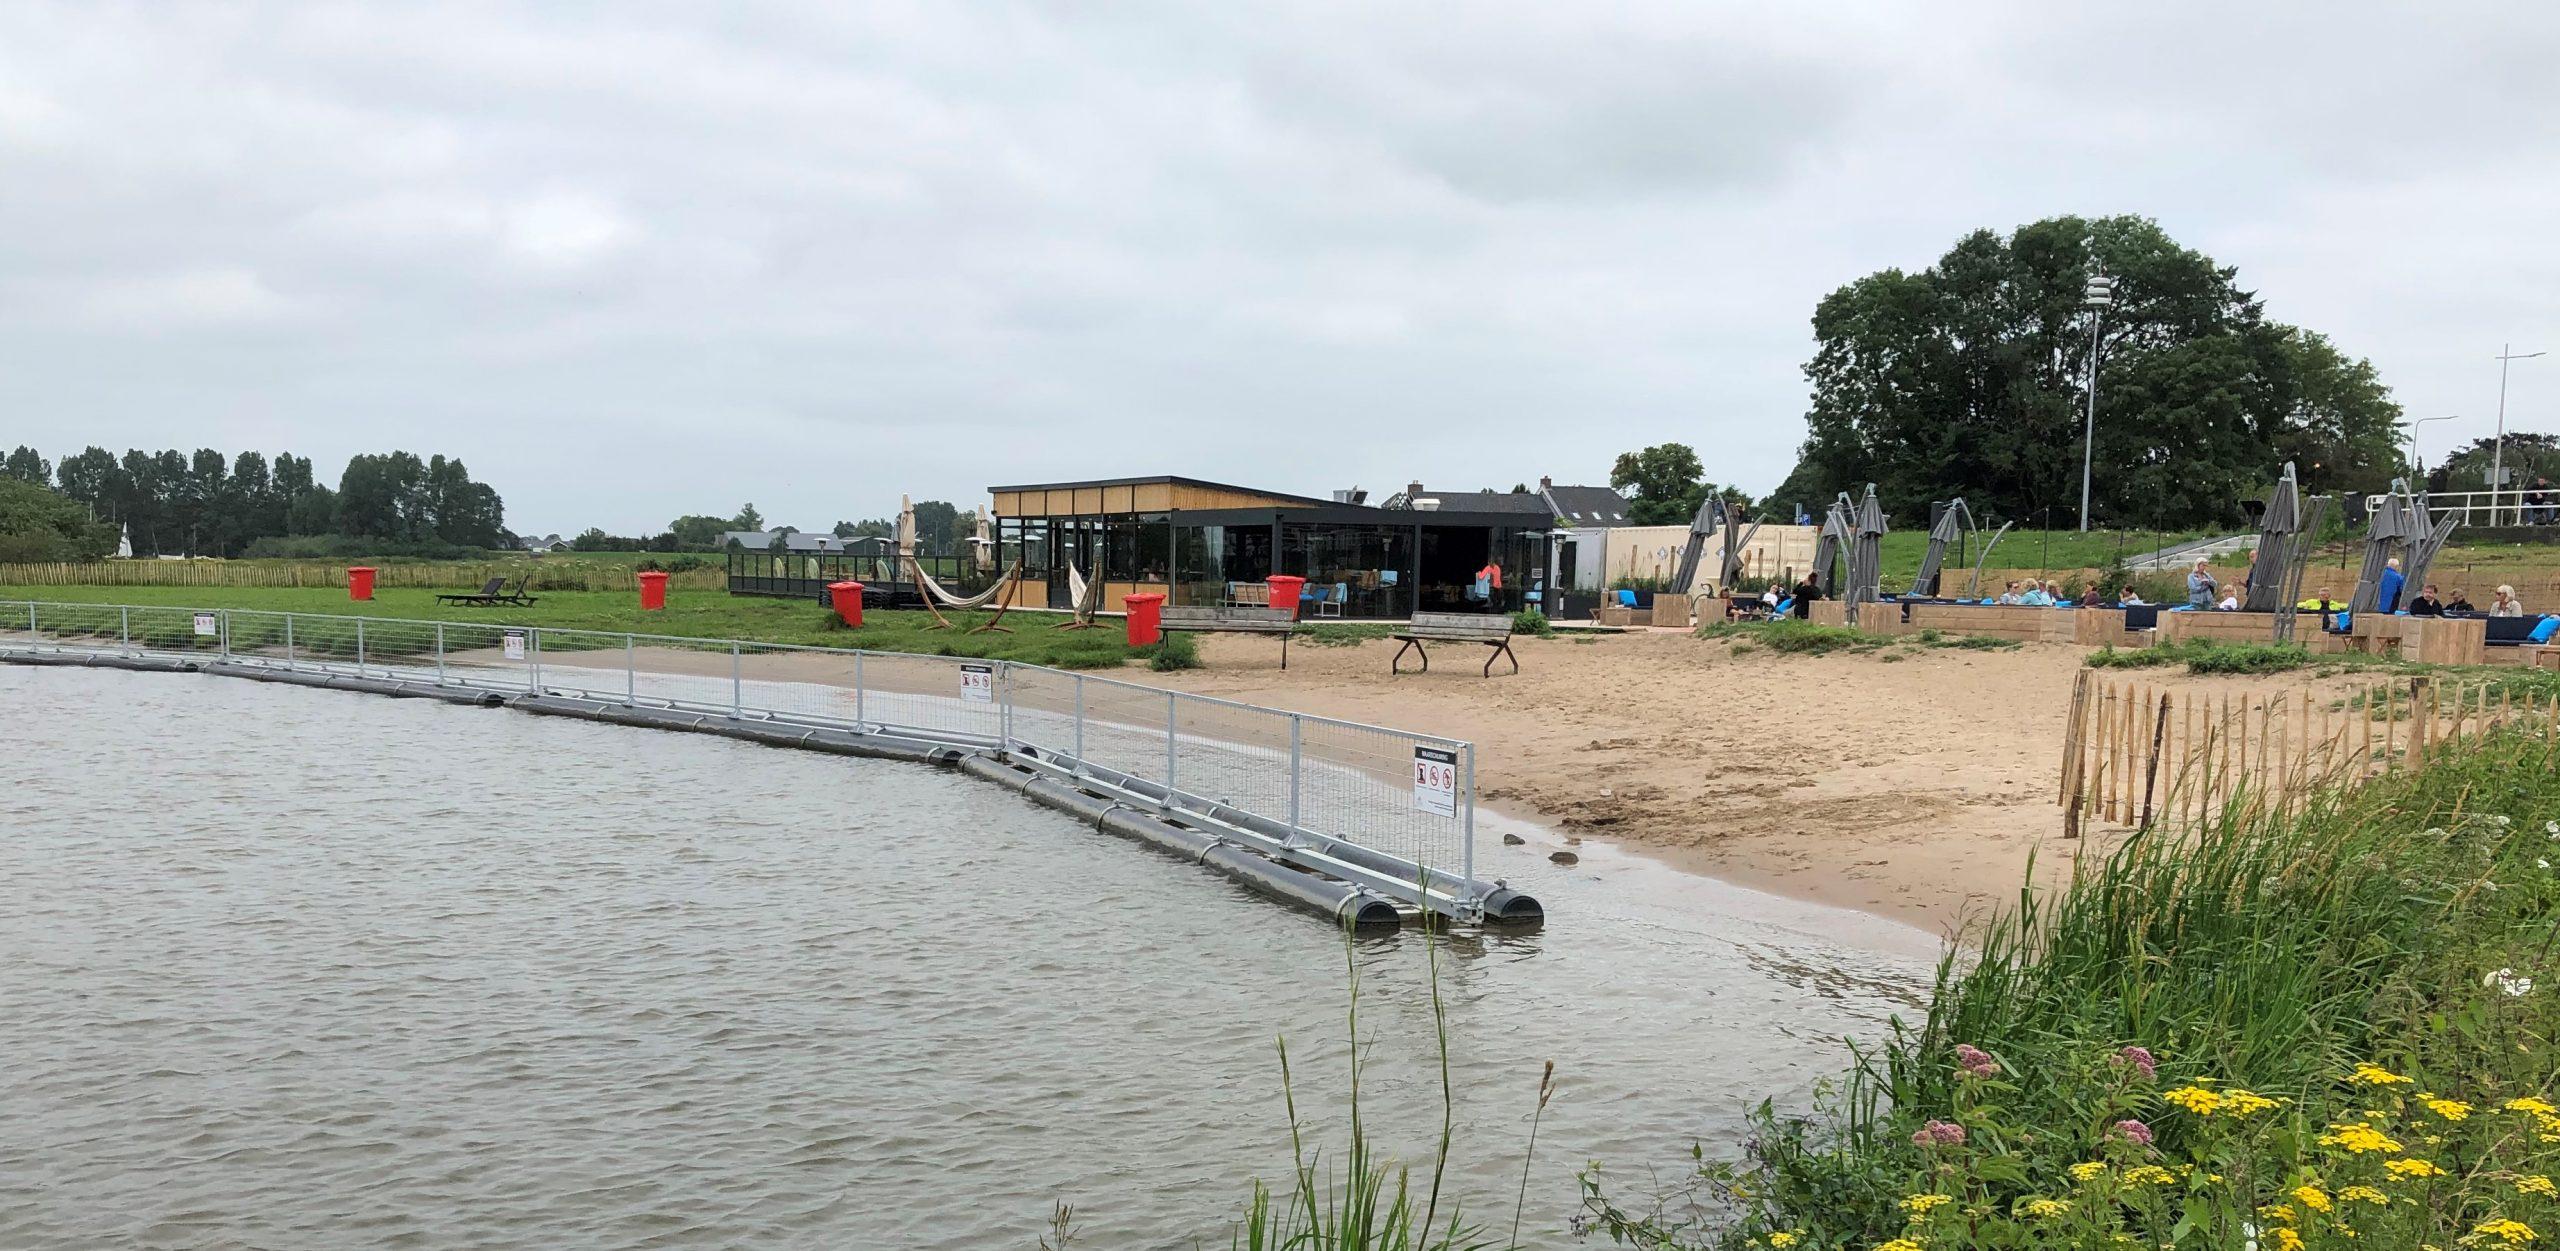 Geen zorgen over hoog water bij Paviljoen Hanzezicht